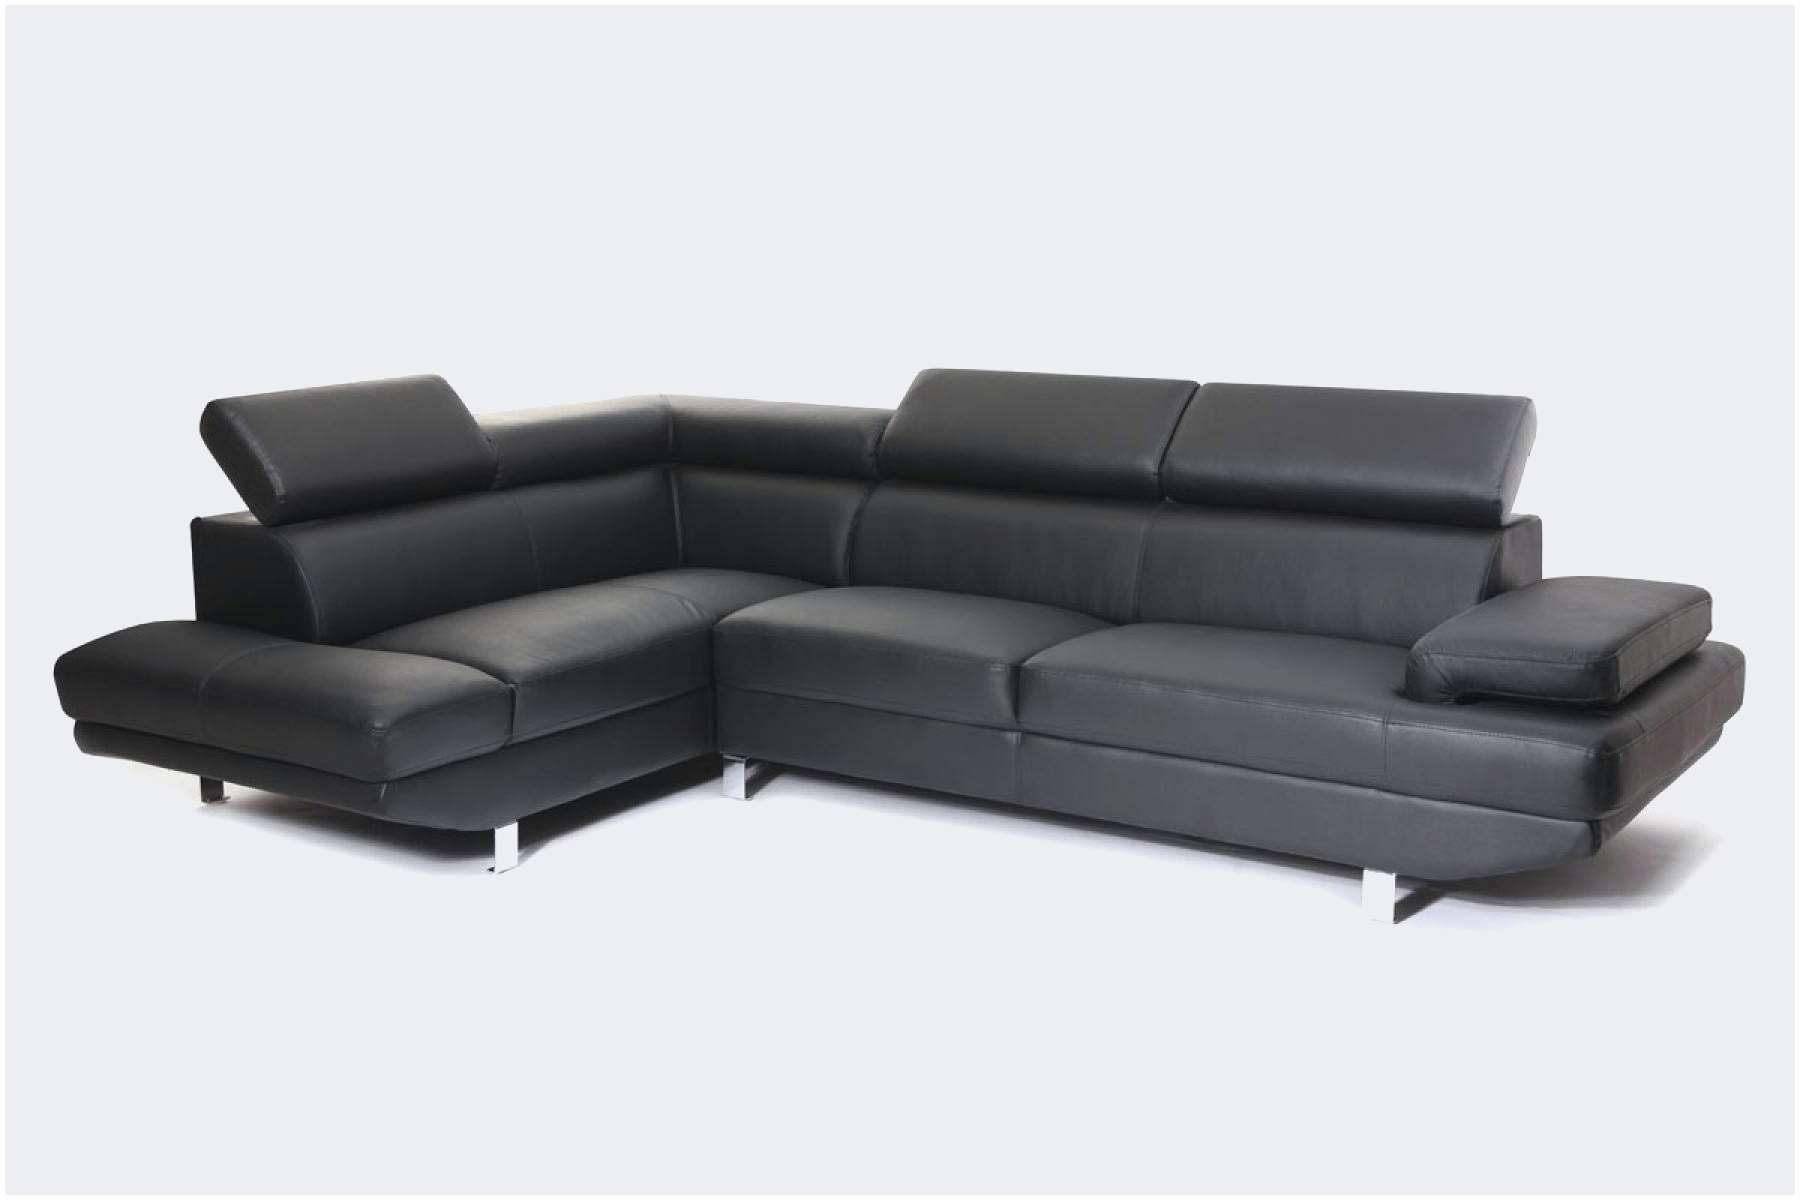 Ikea Canapé Lit De Luxe Le Meilleur De Le Meilleur De Et Aussi Magnifique Canapé Cuir Deux